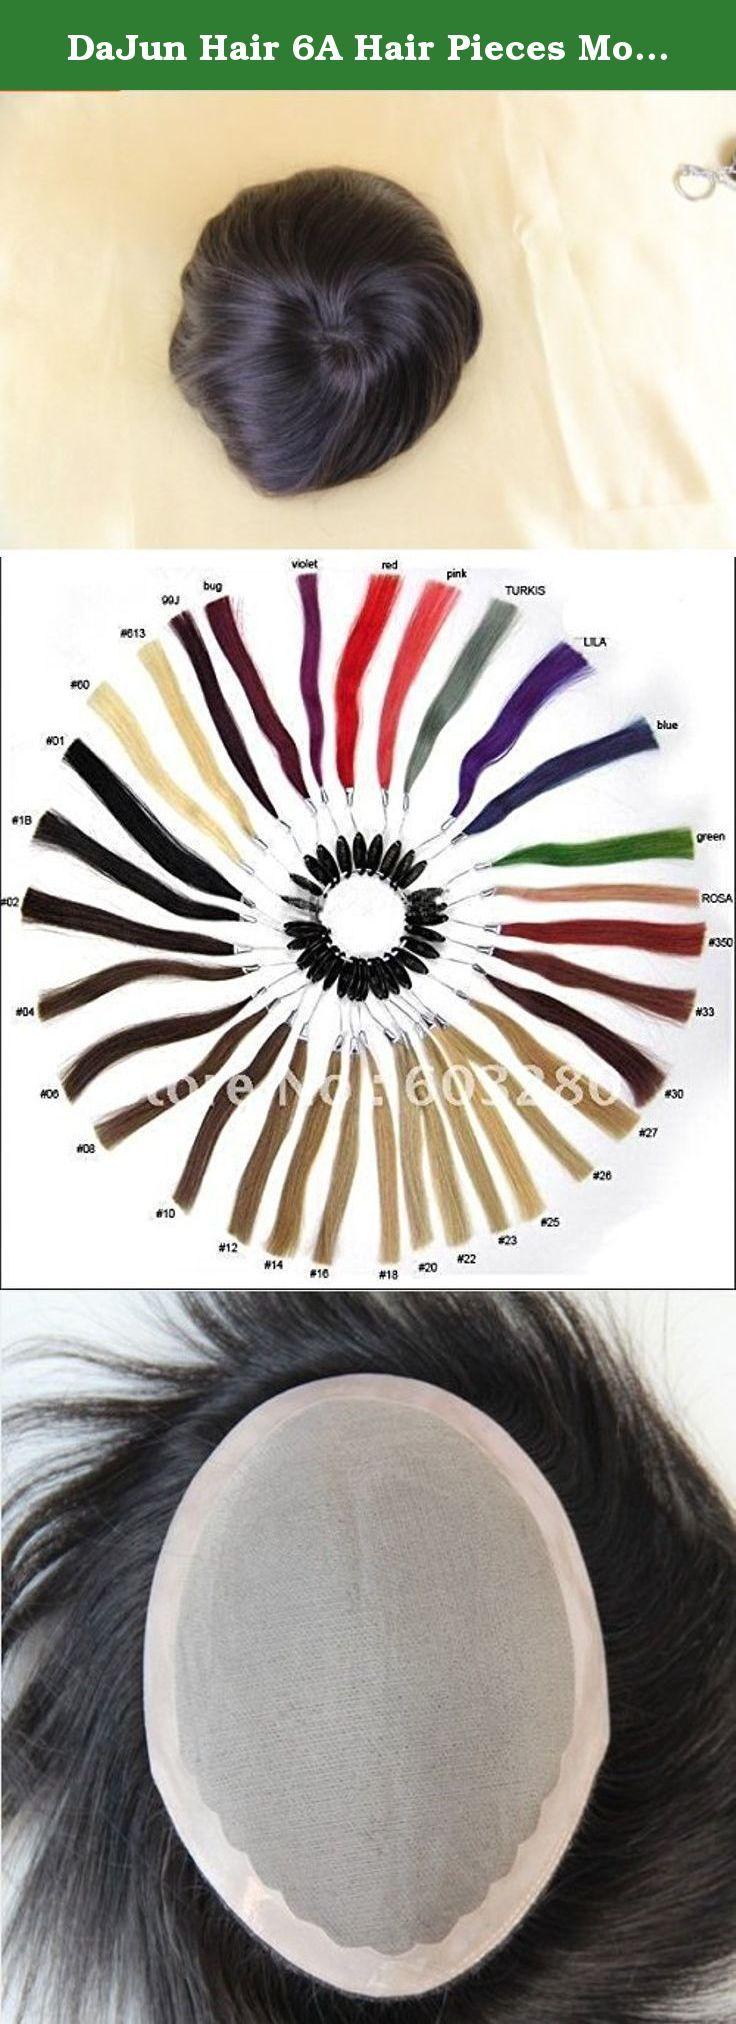 Dajun hair a hair pieces mono base menus toupee european soft inch